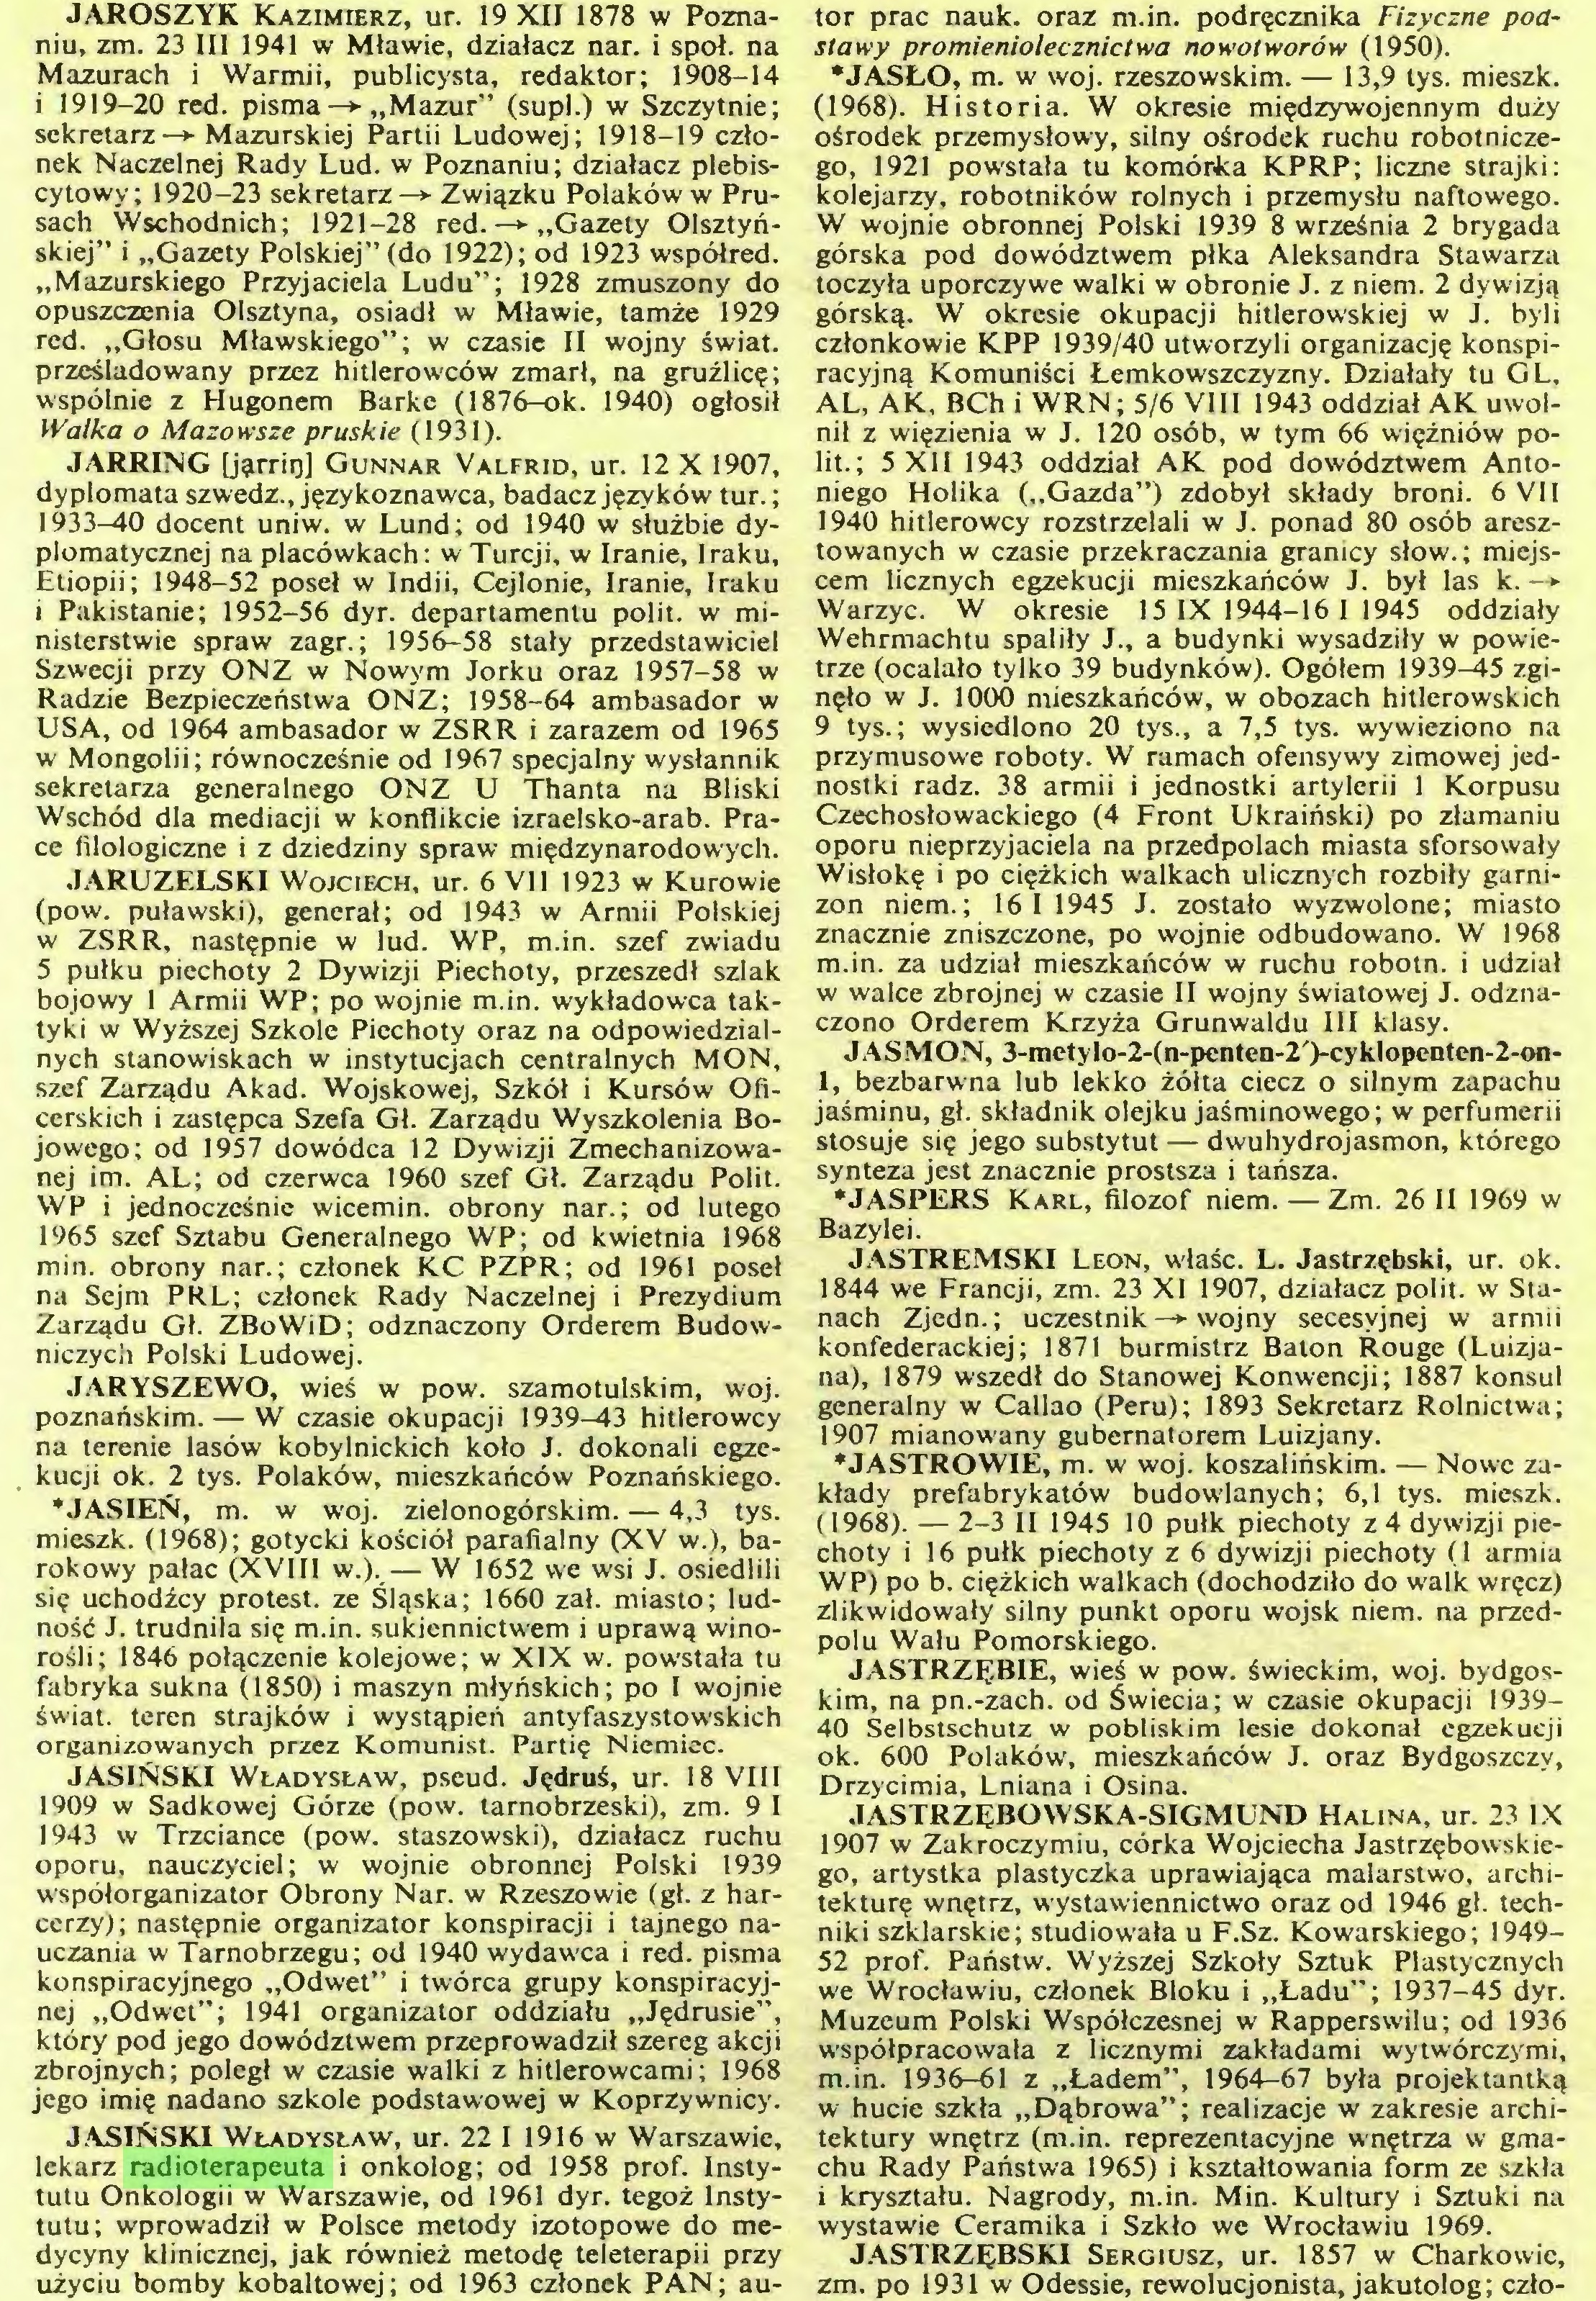 (...) JASIŃSKI Władysław, ur. 22 I 1916 w Warszawie, lekarz radioterapeuta i onkolog; od 1958 prof. Instytutu Onkologii w Warszawie, od 1961 dyr. tegoż Instytutu; wprowadził w Polsce metody izotopowe do medycyny klinicznej, jak również metodę teleterapii przy użyciu bomby kobaltowej; od 1963 członek PAN; au¬ tor prac nauk. oraz m.in. podręcznika Fizyczne podstawy promieniolecznictwa nowotworów (1950)...